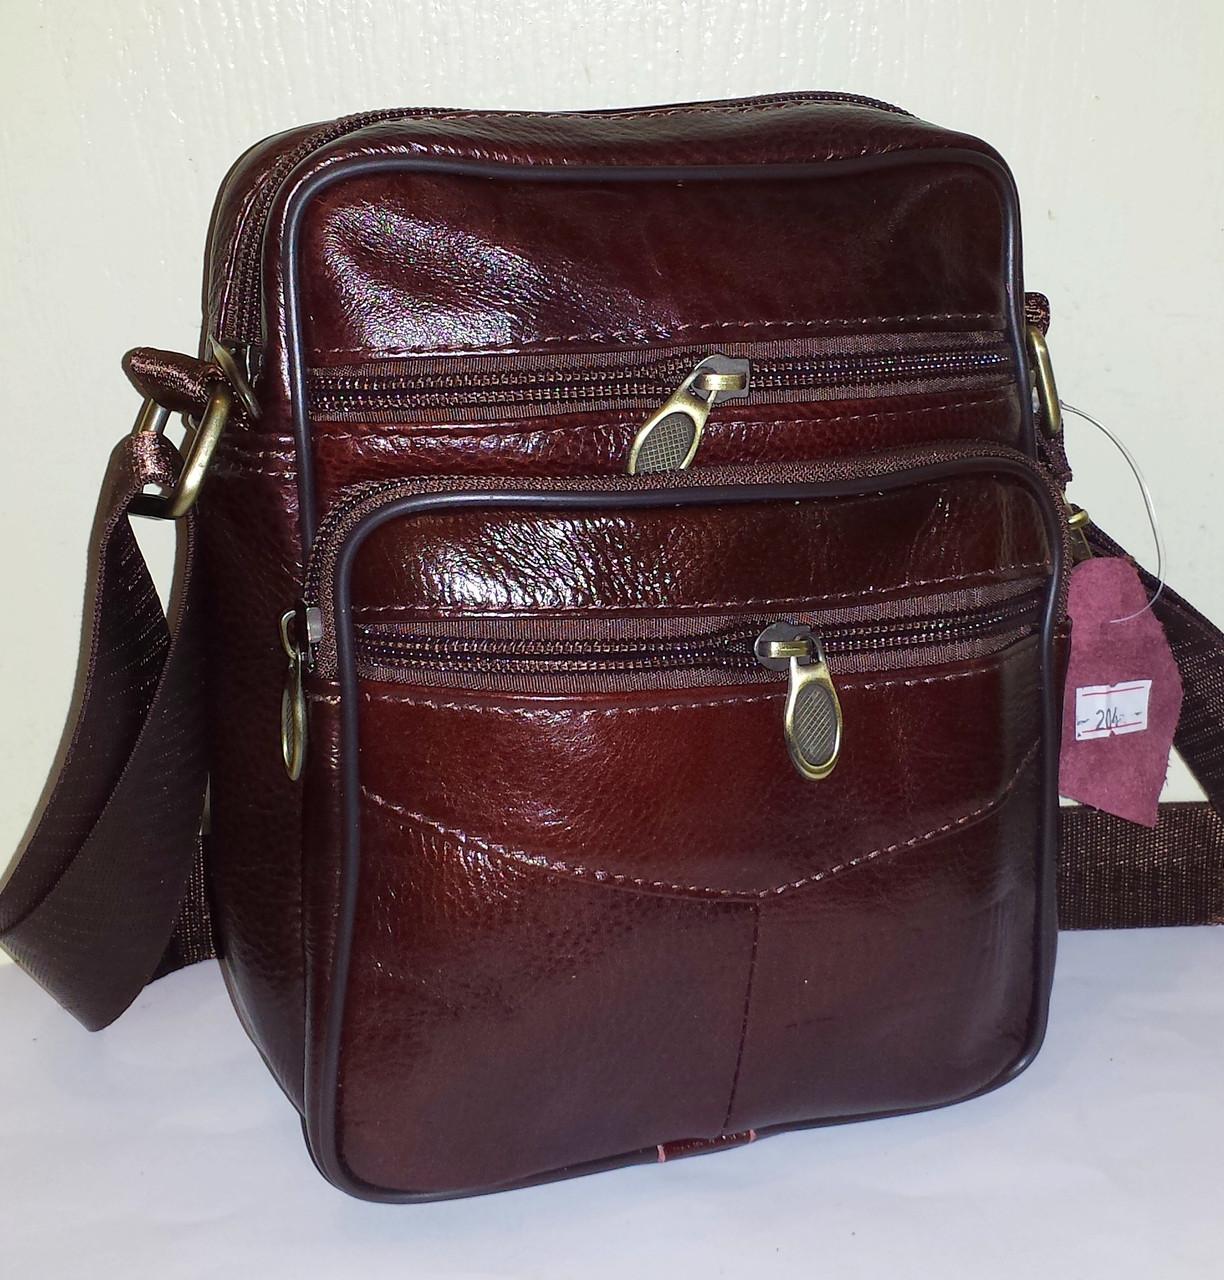 b027c4ee2f94 Мужская сумка из натуральной кожи C-114 (23х19X10см)  продажа, цена ...